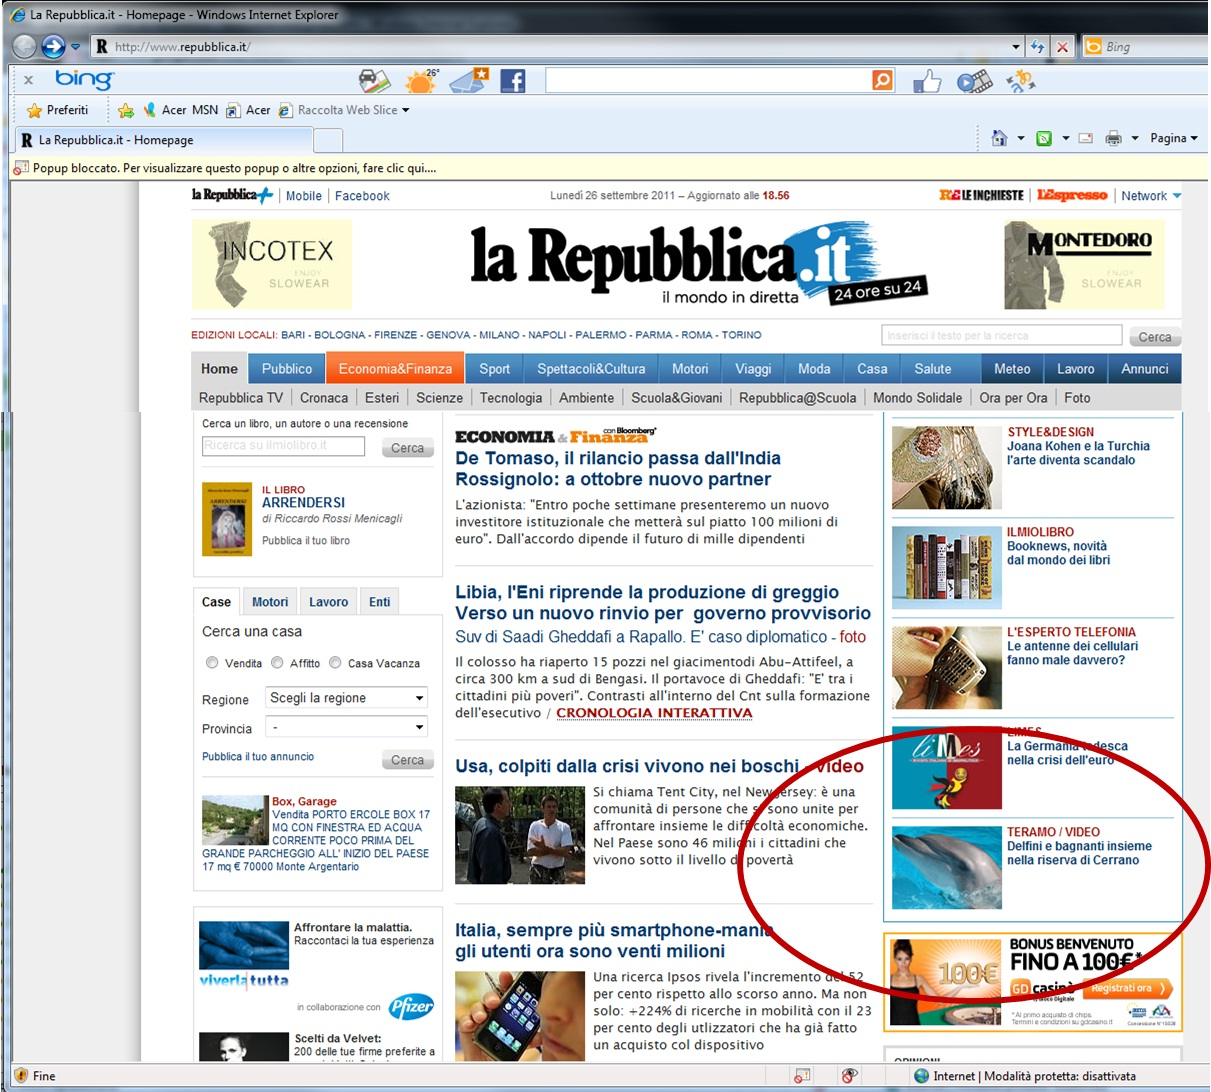 Pineto sul sito di repubblica for Home page repubblica